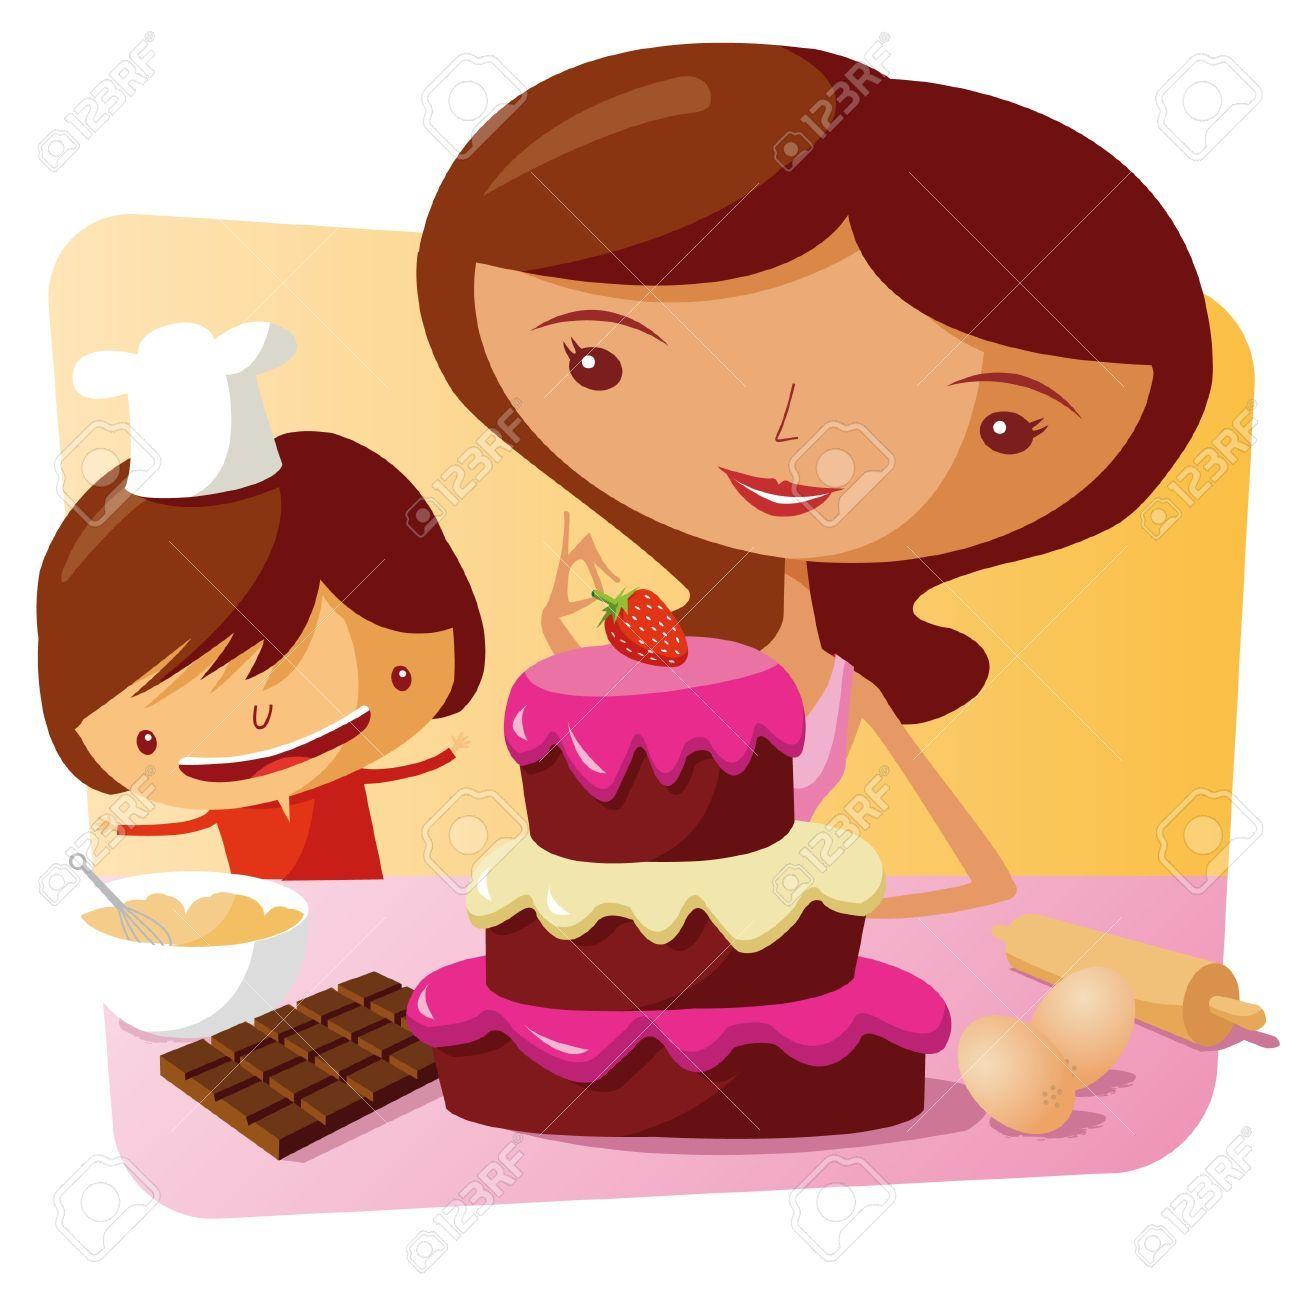 Bake cake clipart clip library Bake cake clipart 5 » Clipart Portal clip library